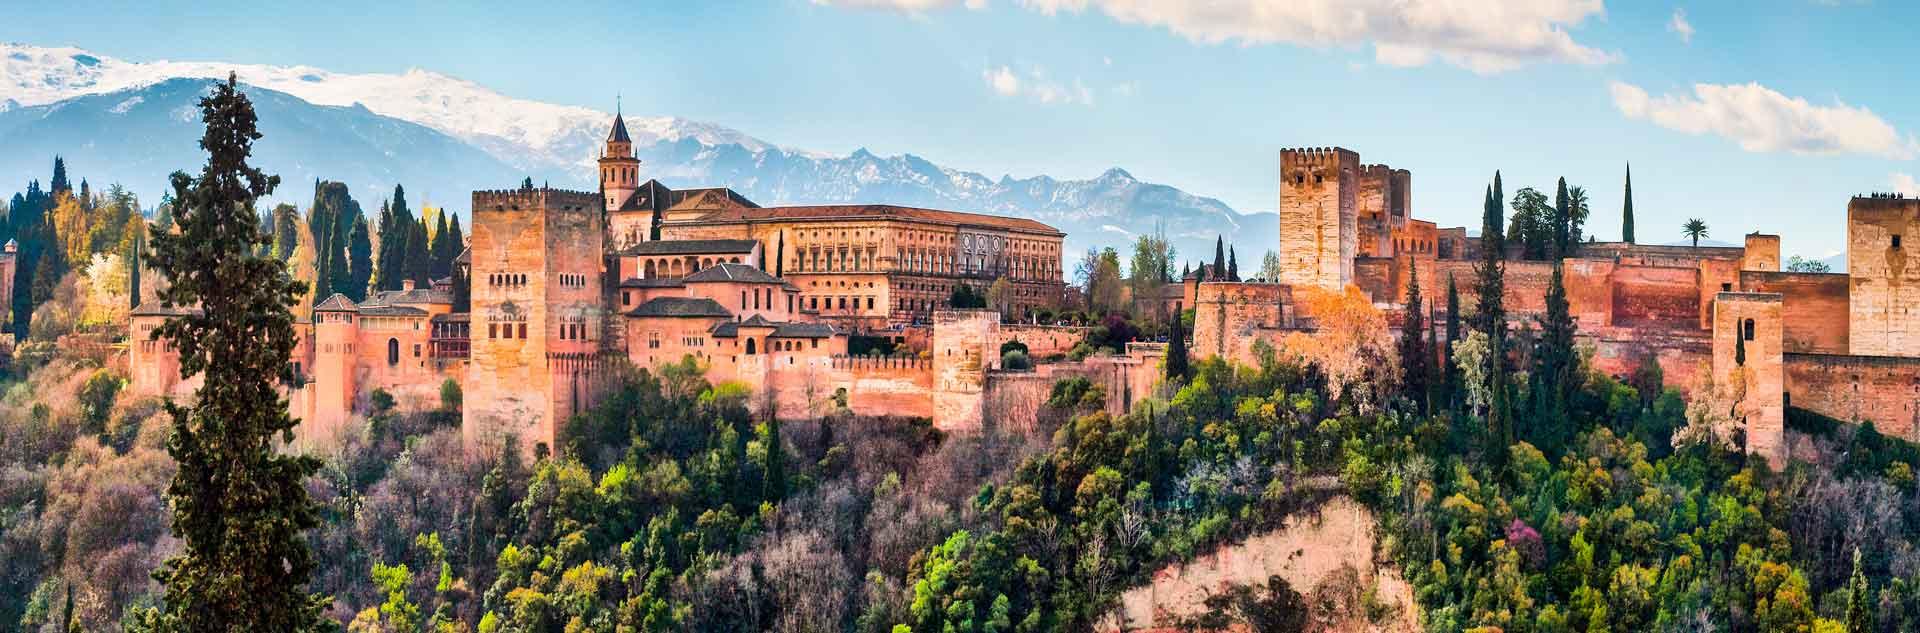 Entradas y visita a la Alhambra